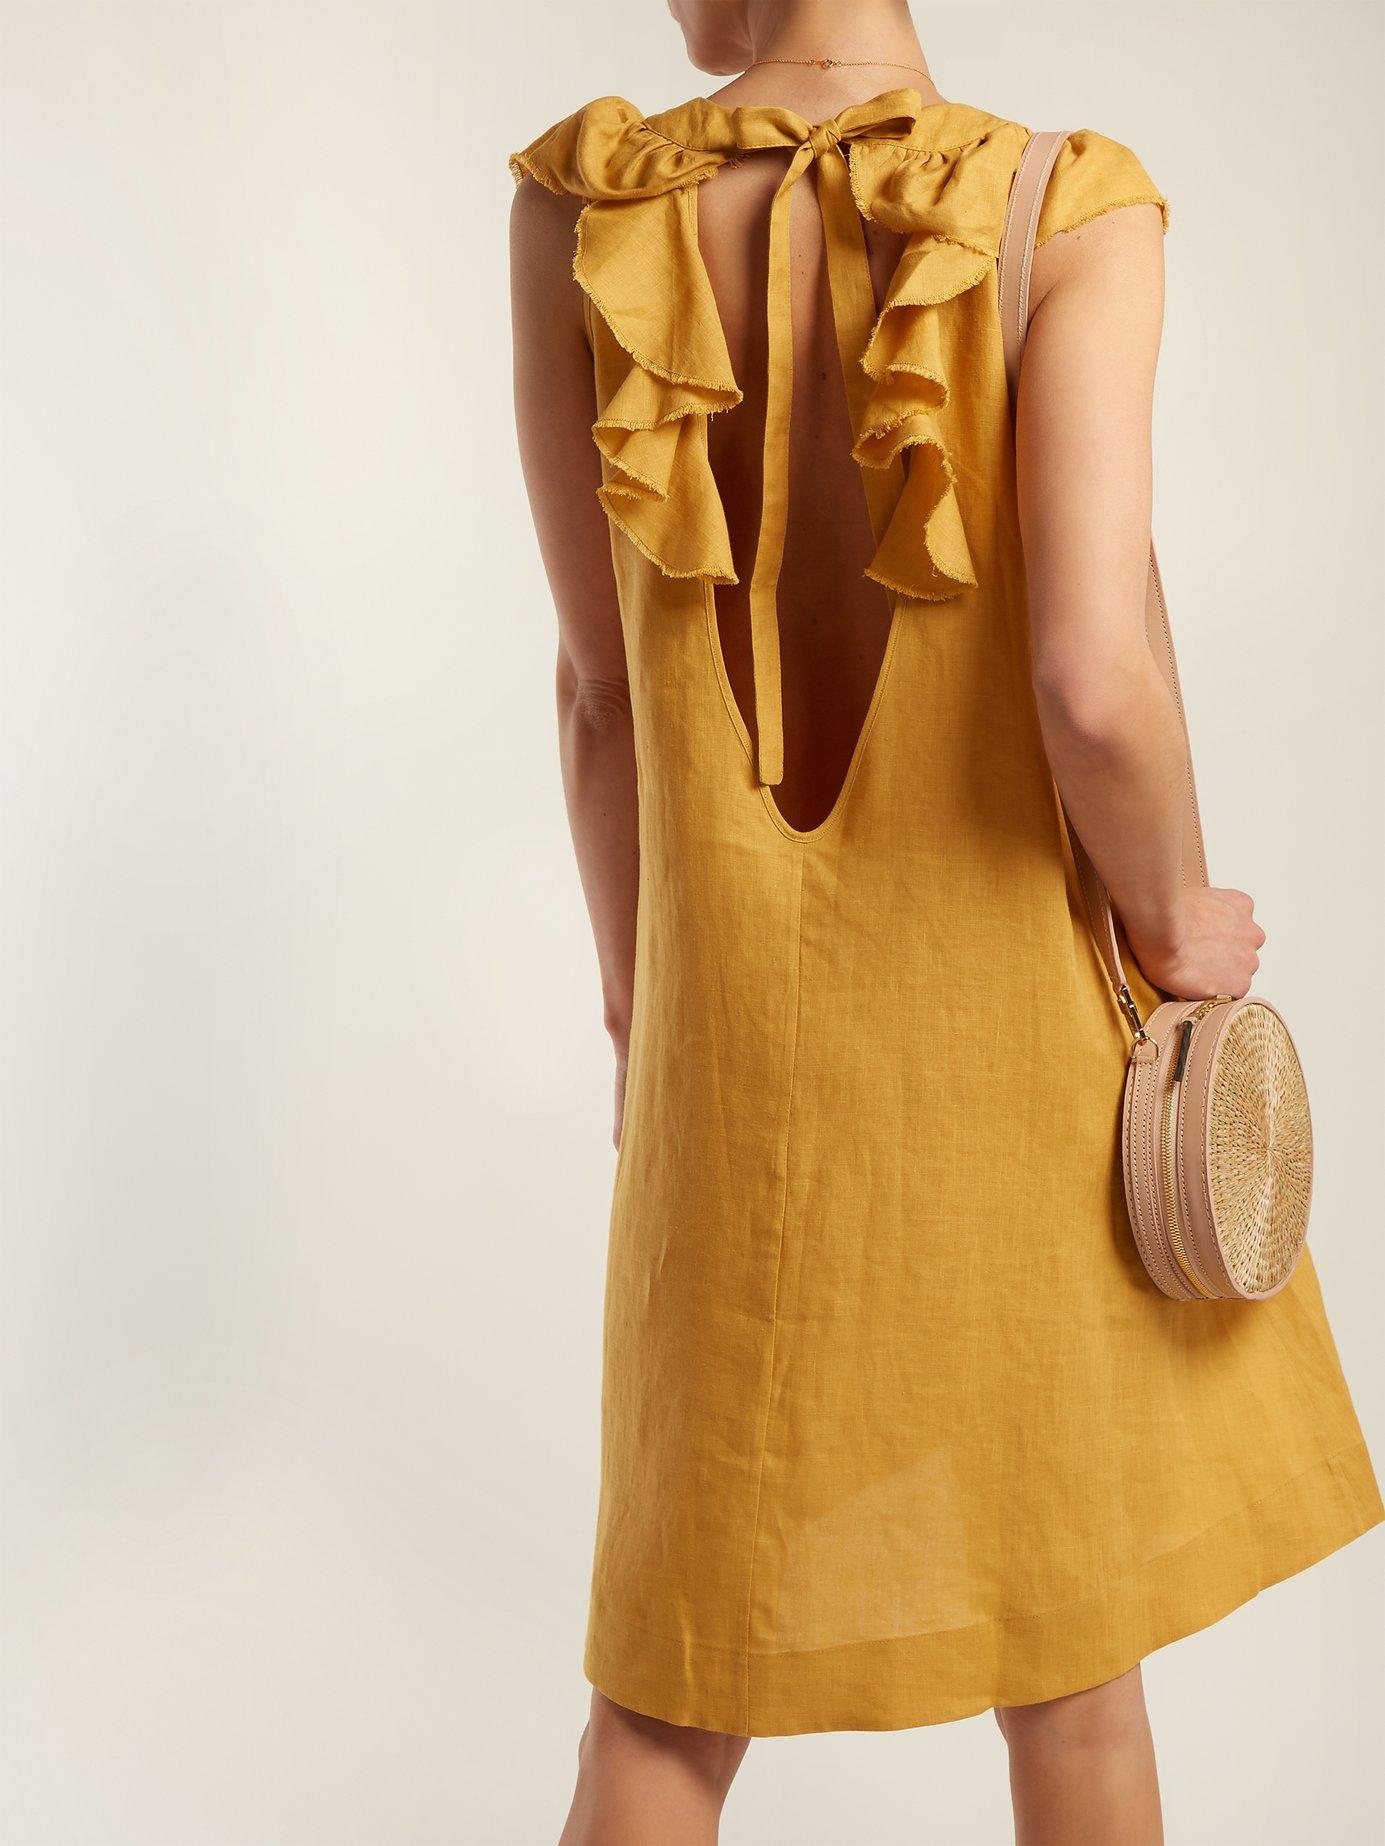 Faye tie-back linen dress by Three Graces London